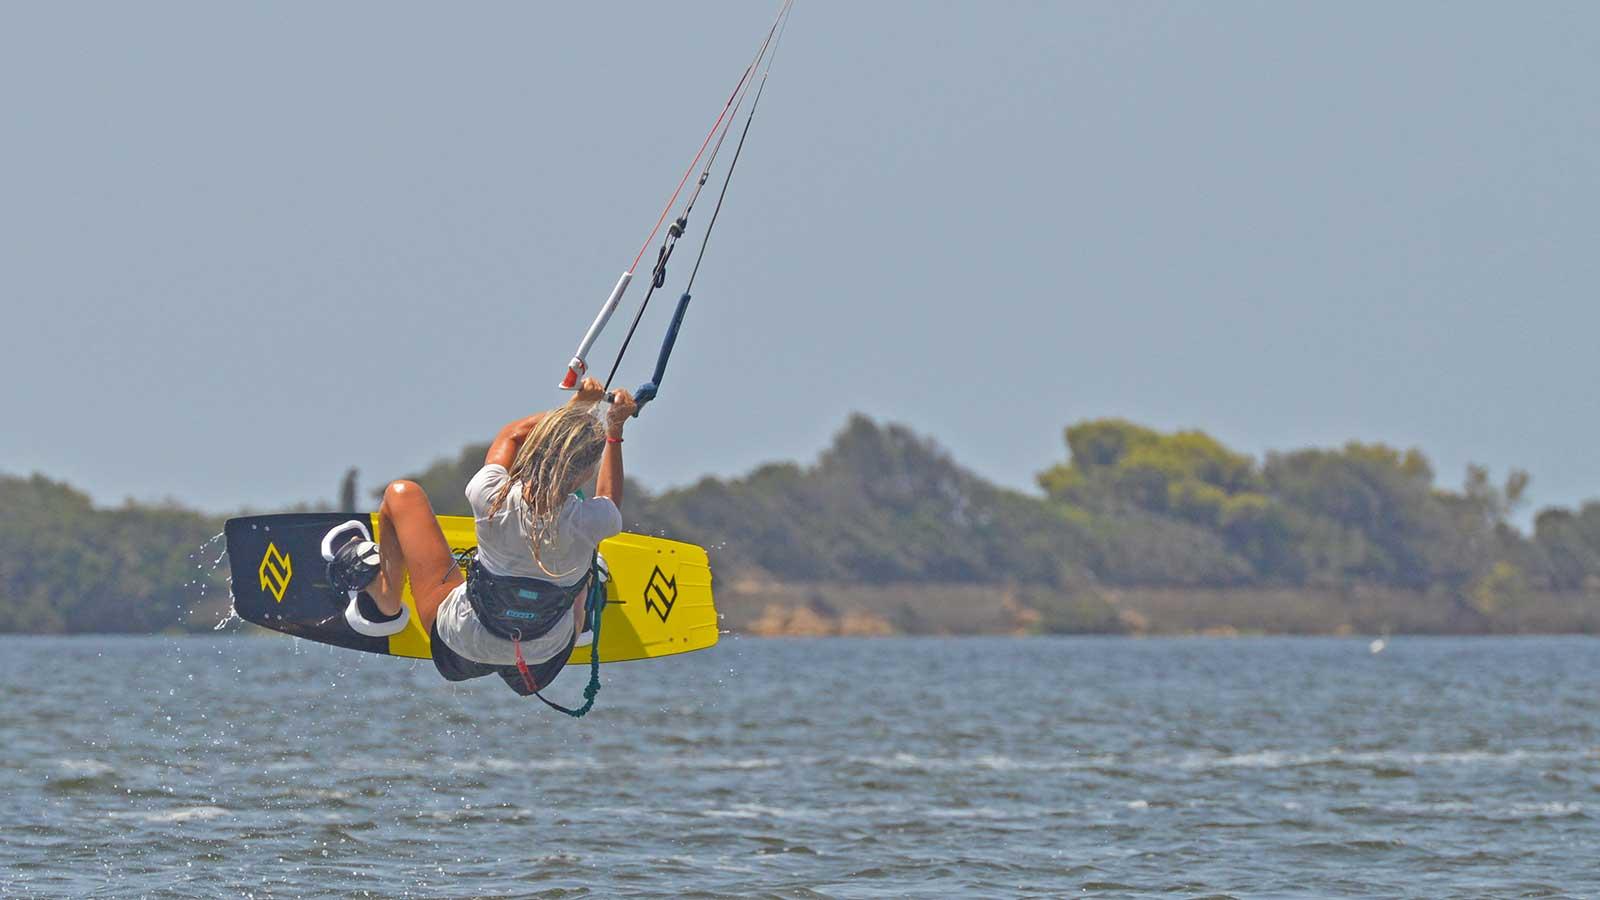 Stagnone-laguna-kite-surf-italia-06